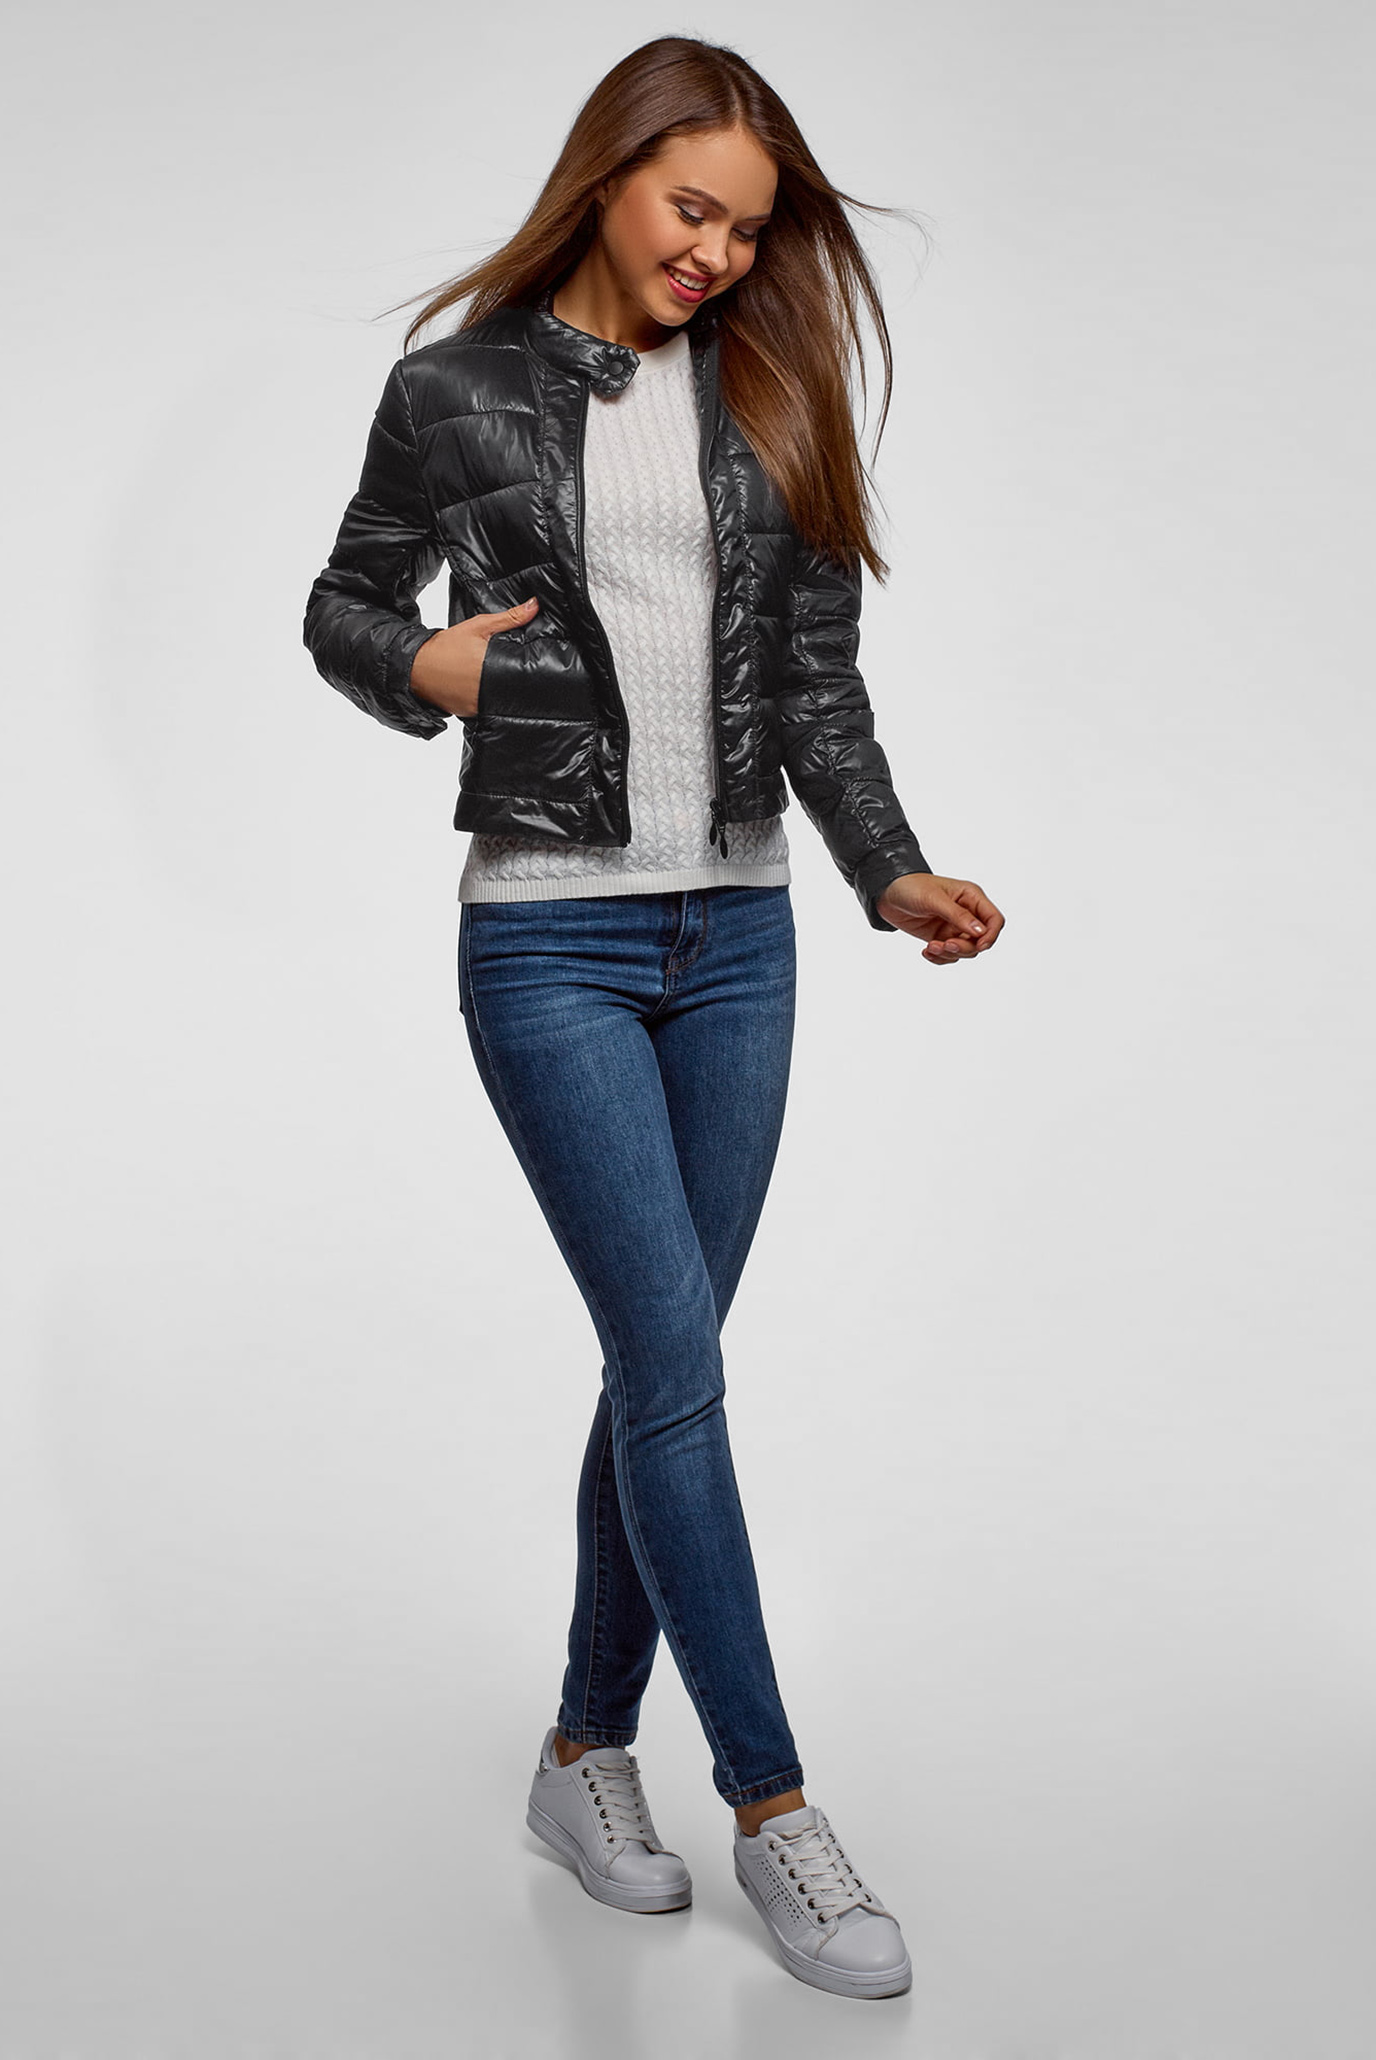 Купить Женская черная куртка Oodji Oodji 10203038-5B/33445/2900N – Киев, Украина. Цены в интернет магазине MD Fashion